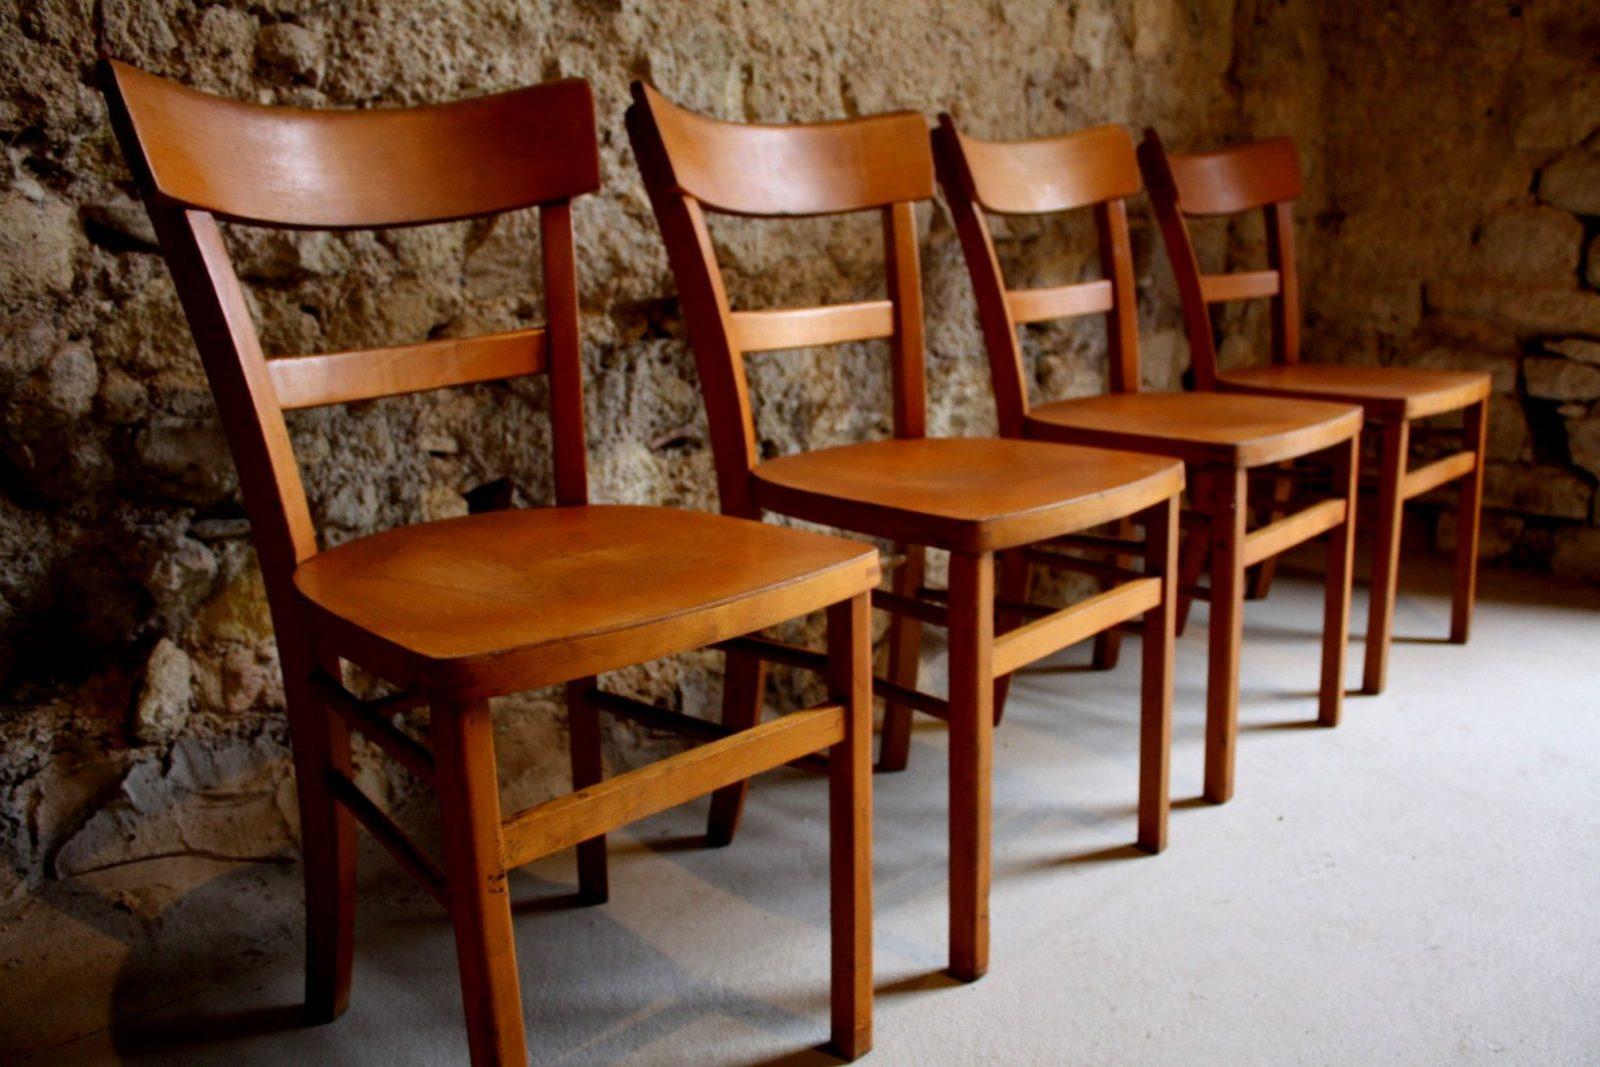 16 Gebrauchte Gastronomie Tische Und Stühle Schön  Lqaff von Stühle Und Tische Für Gastronomie Gebraucht Bild